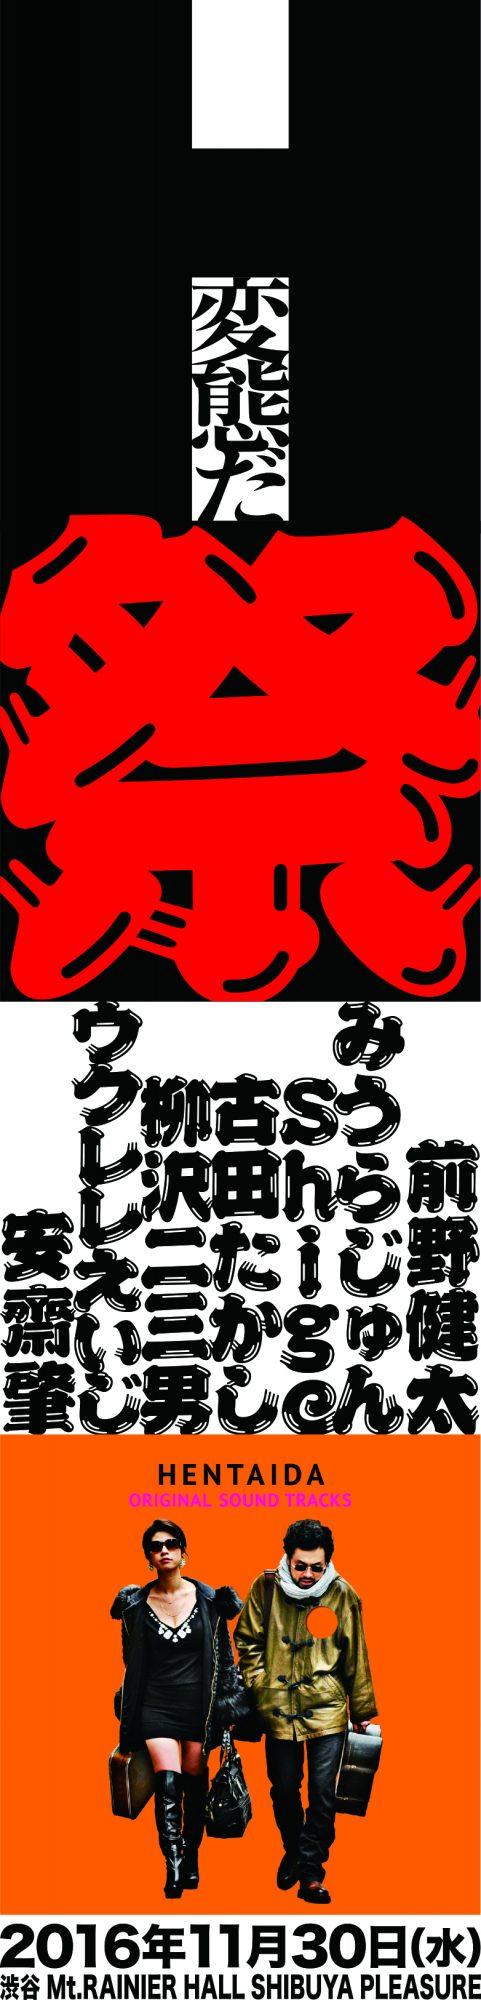 """[映画『変態だ』公開&音楽全集発売記念 """"変態だ祭""""] at 東京"""